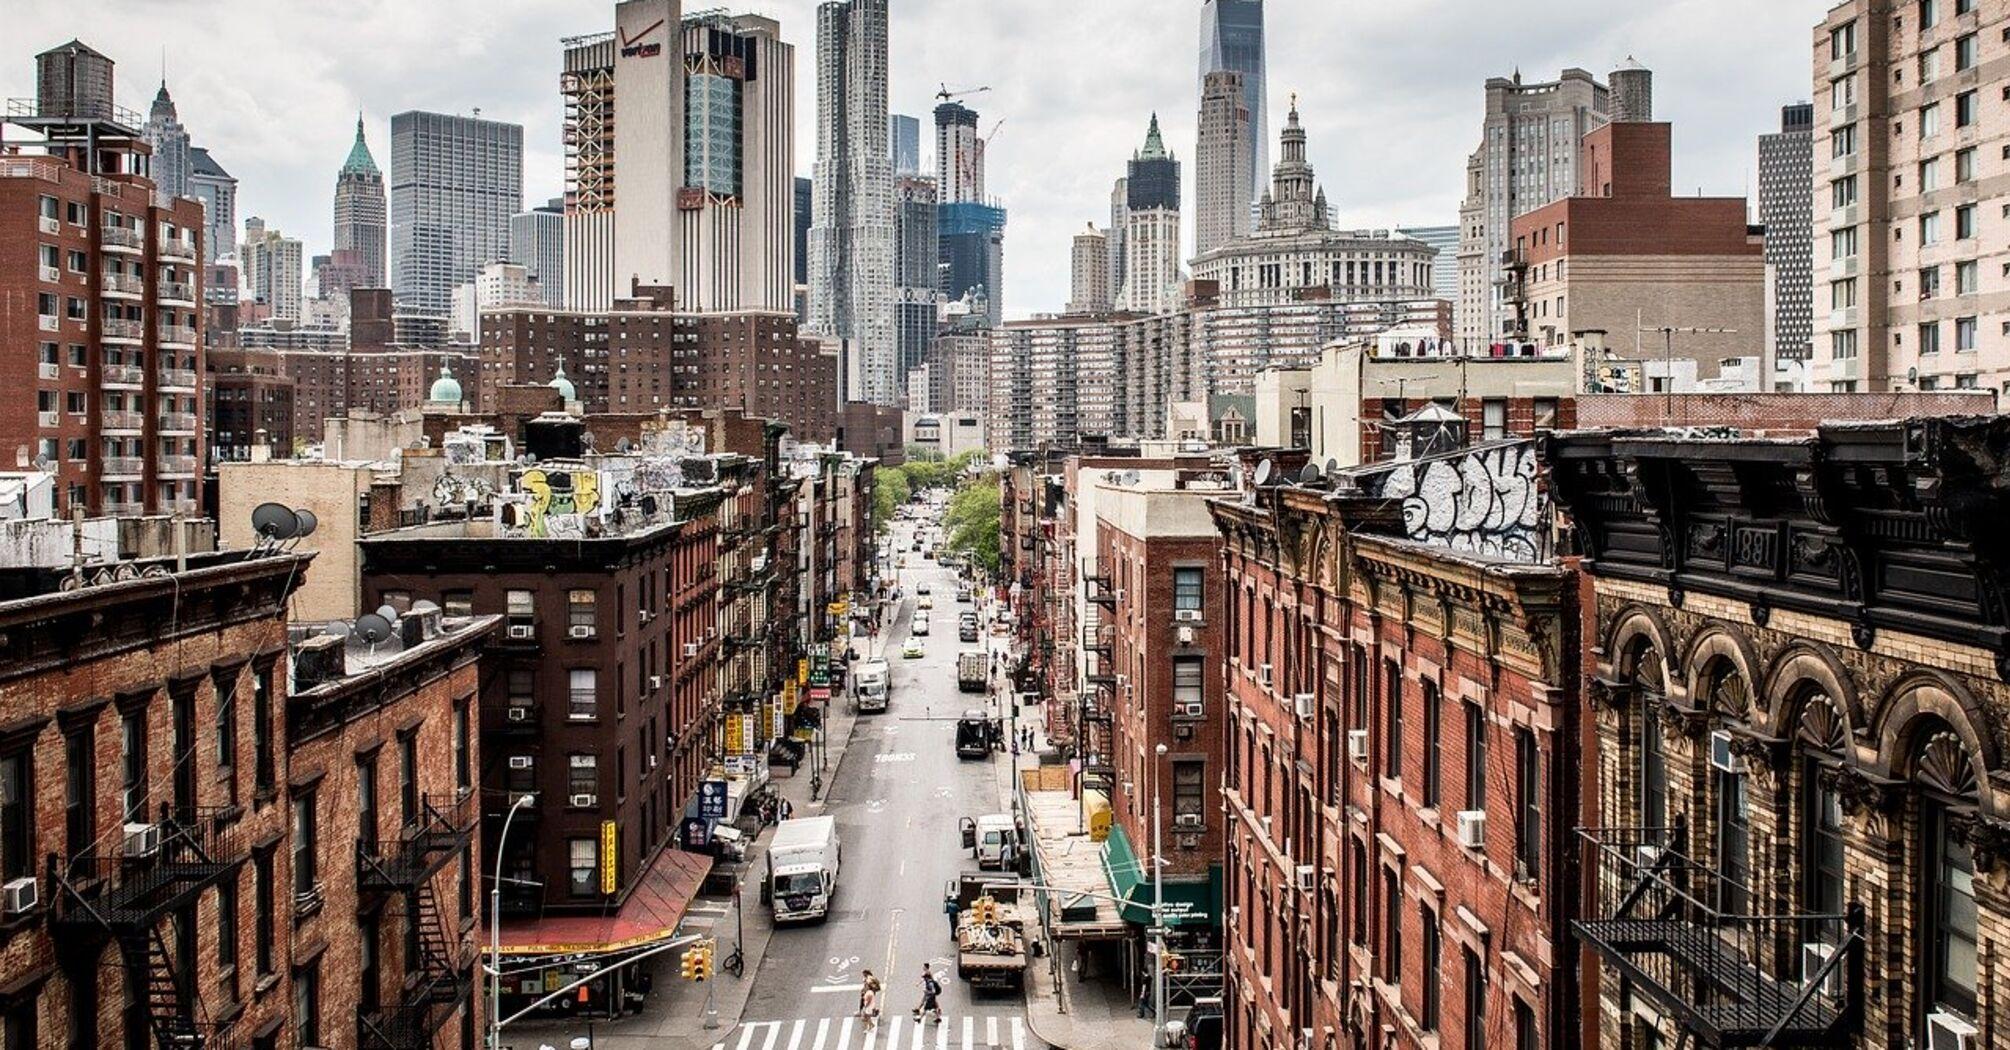 Через коронакризу квартири на Манхеттені стали здавати безкоштовно